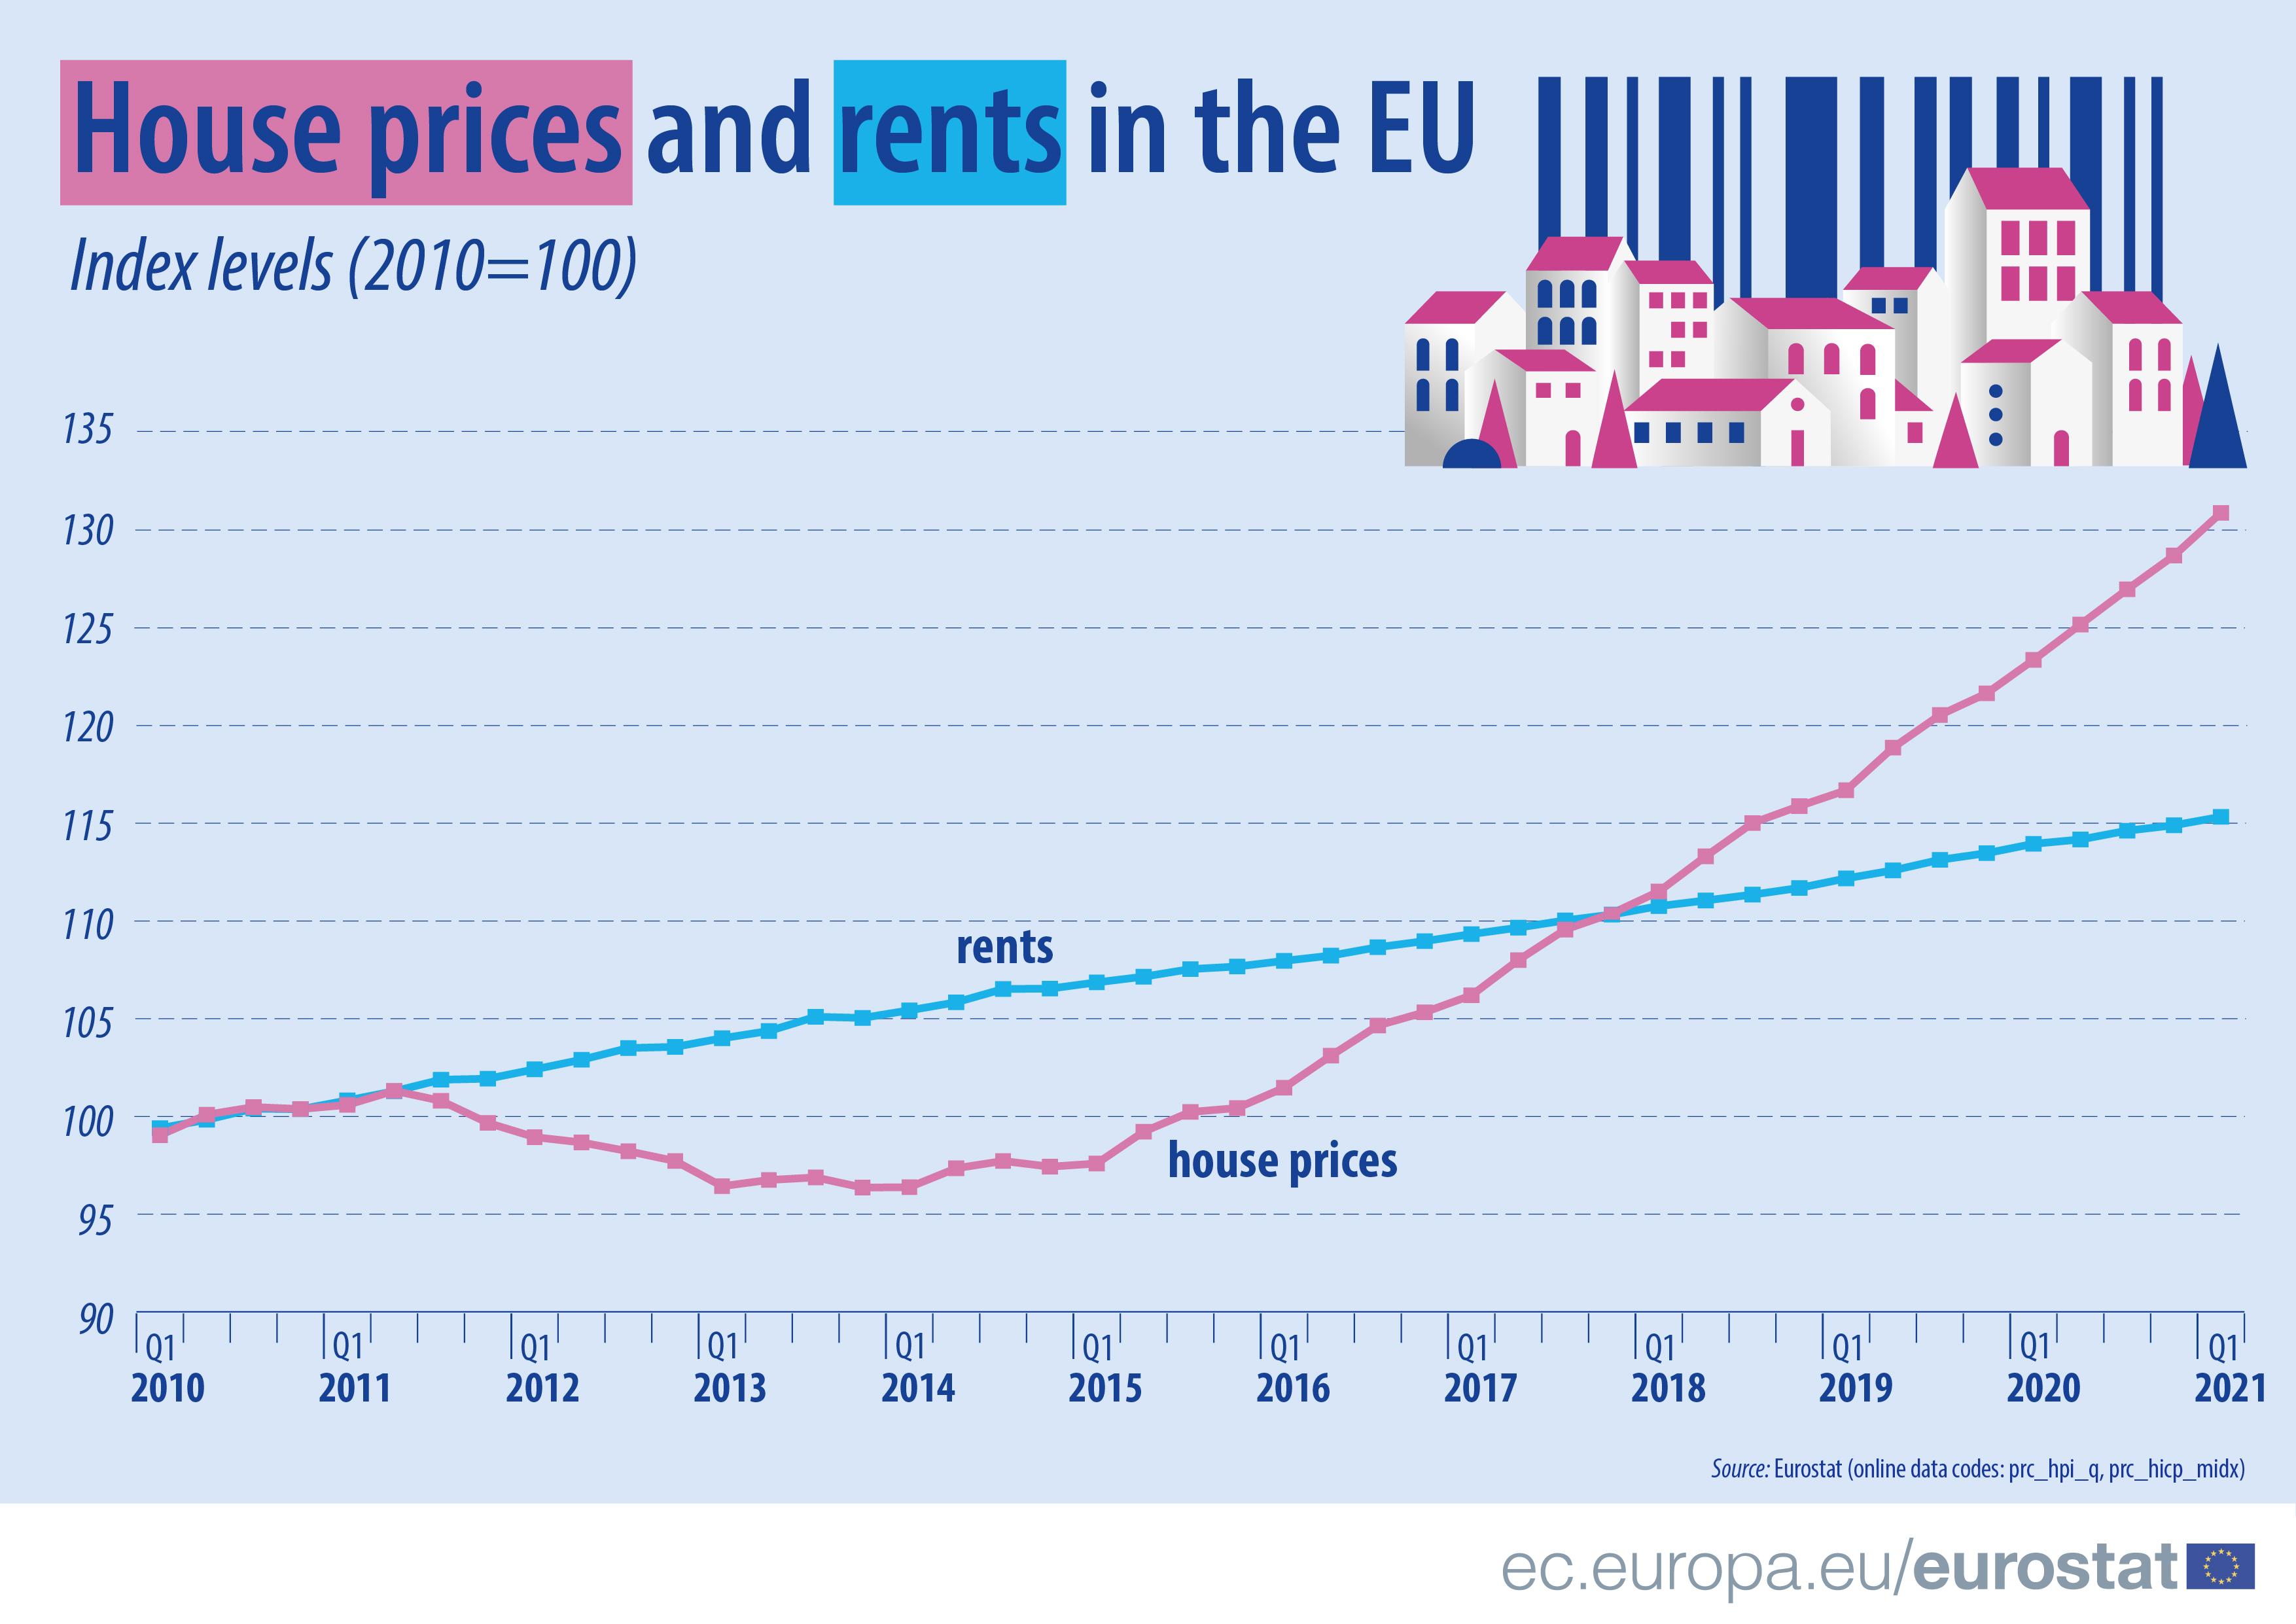 Preços das casas e das rendas a aumentar na UE